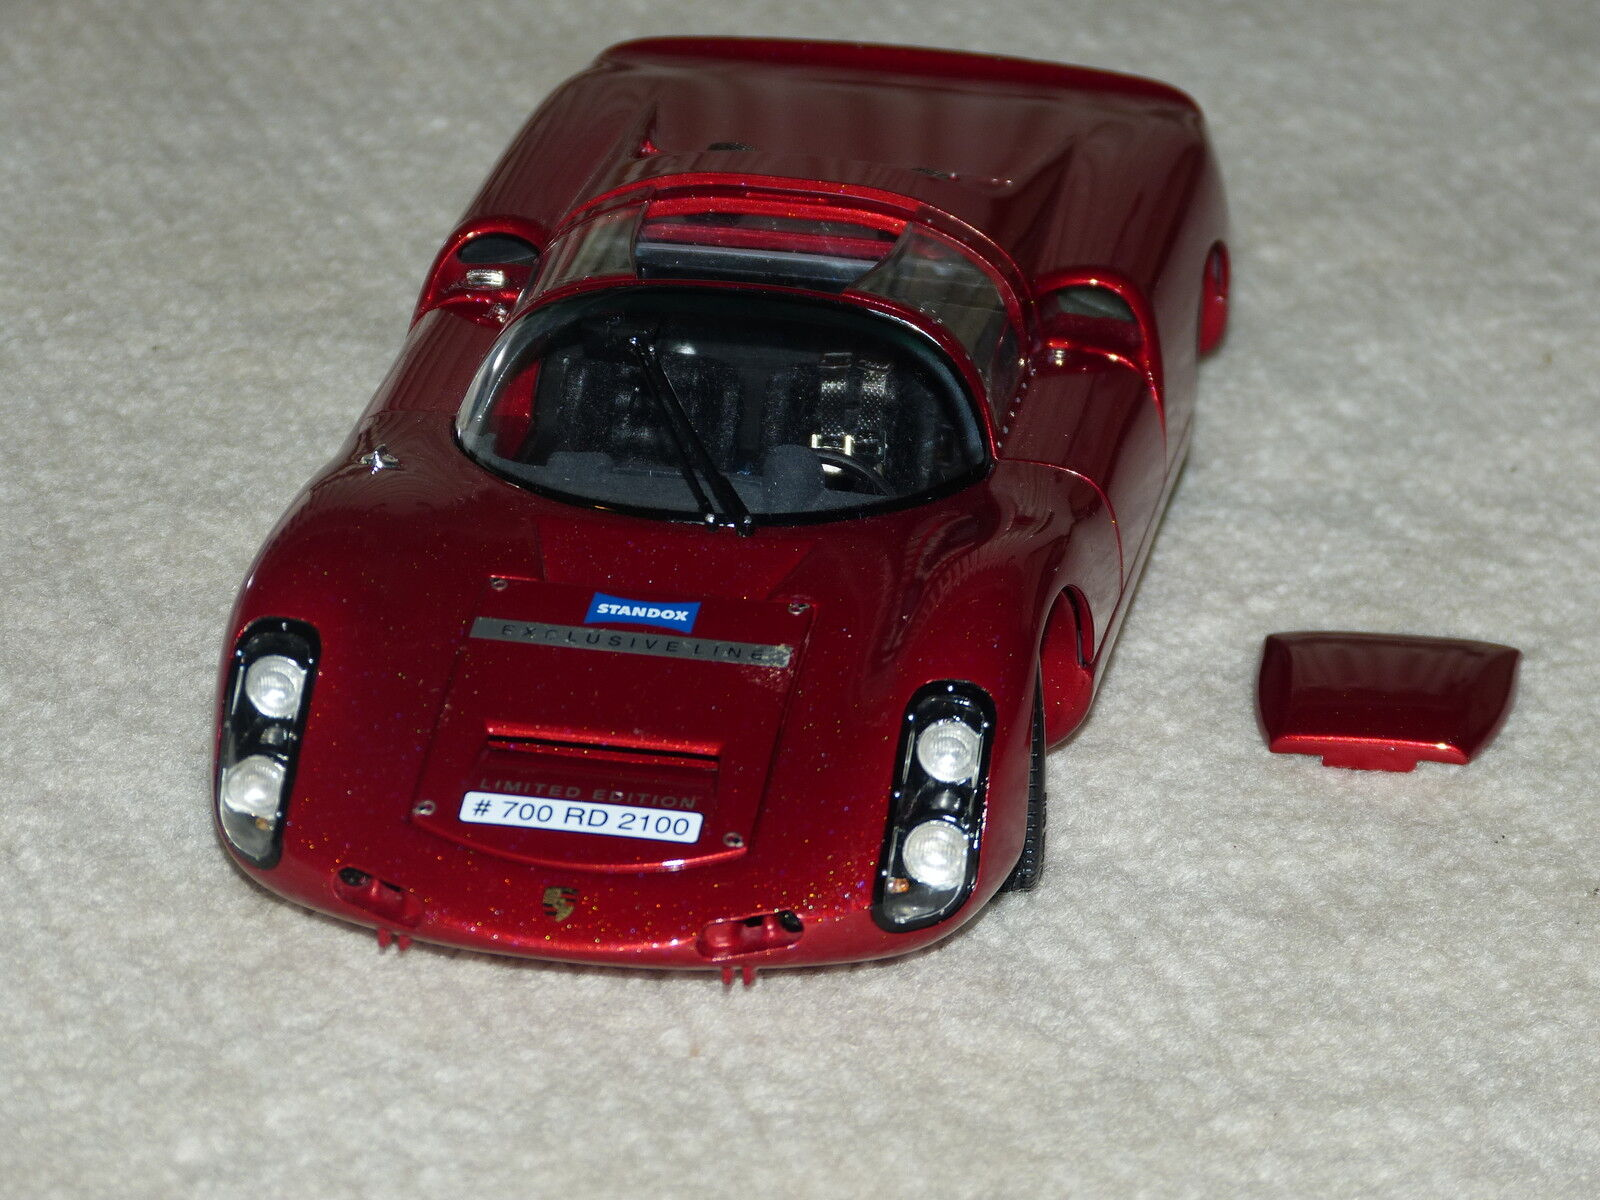 Exoto 1 18 18 18 SCR00003 - Porsche 910 1967 in Standox Crystal Rainbow, rot  | Qualität Produkte  ebc7be